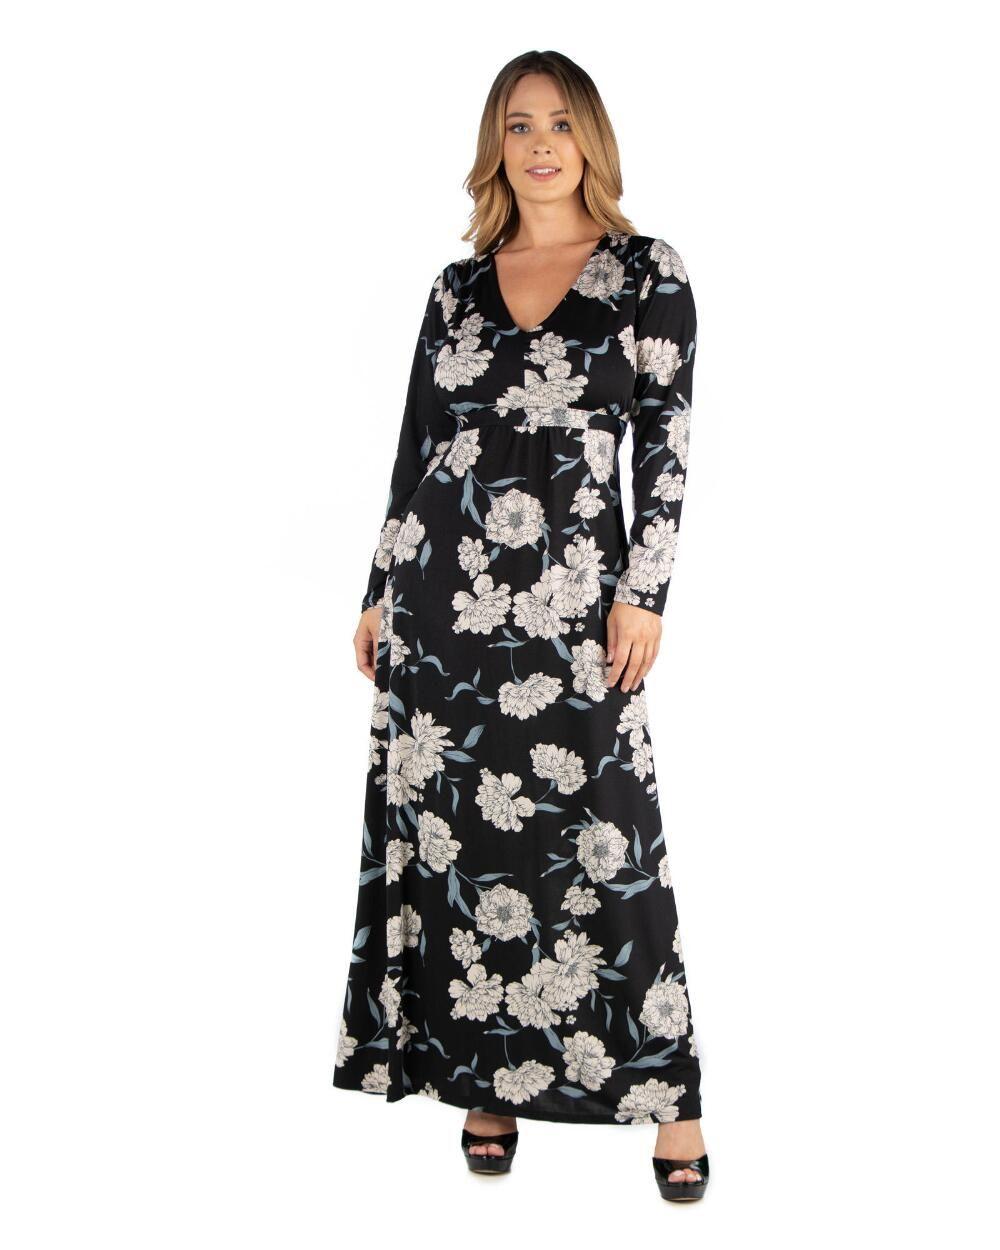 24seven Comfort Apparel Women S Plus Size Floral Size Maxi Dress 1x Rayon Plus Size Long Dresses Plus Size Maxi Dresses Plus Size Dresses Uk [ 1250 x 1000 Pixel ]